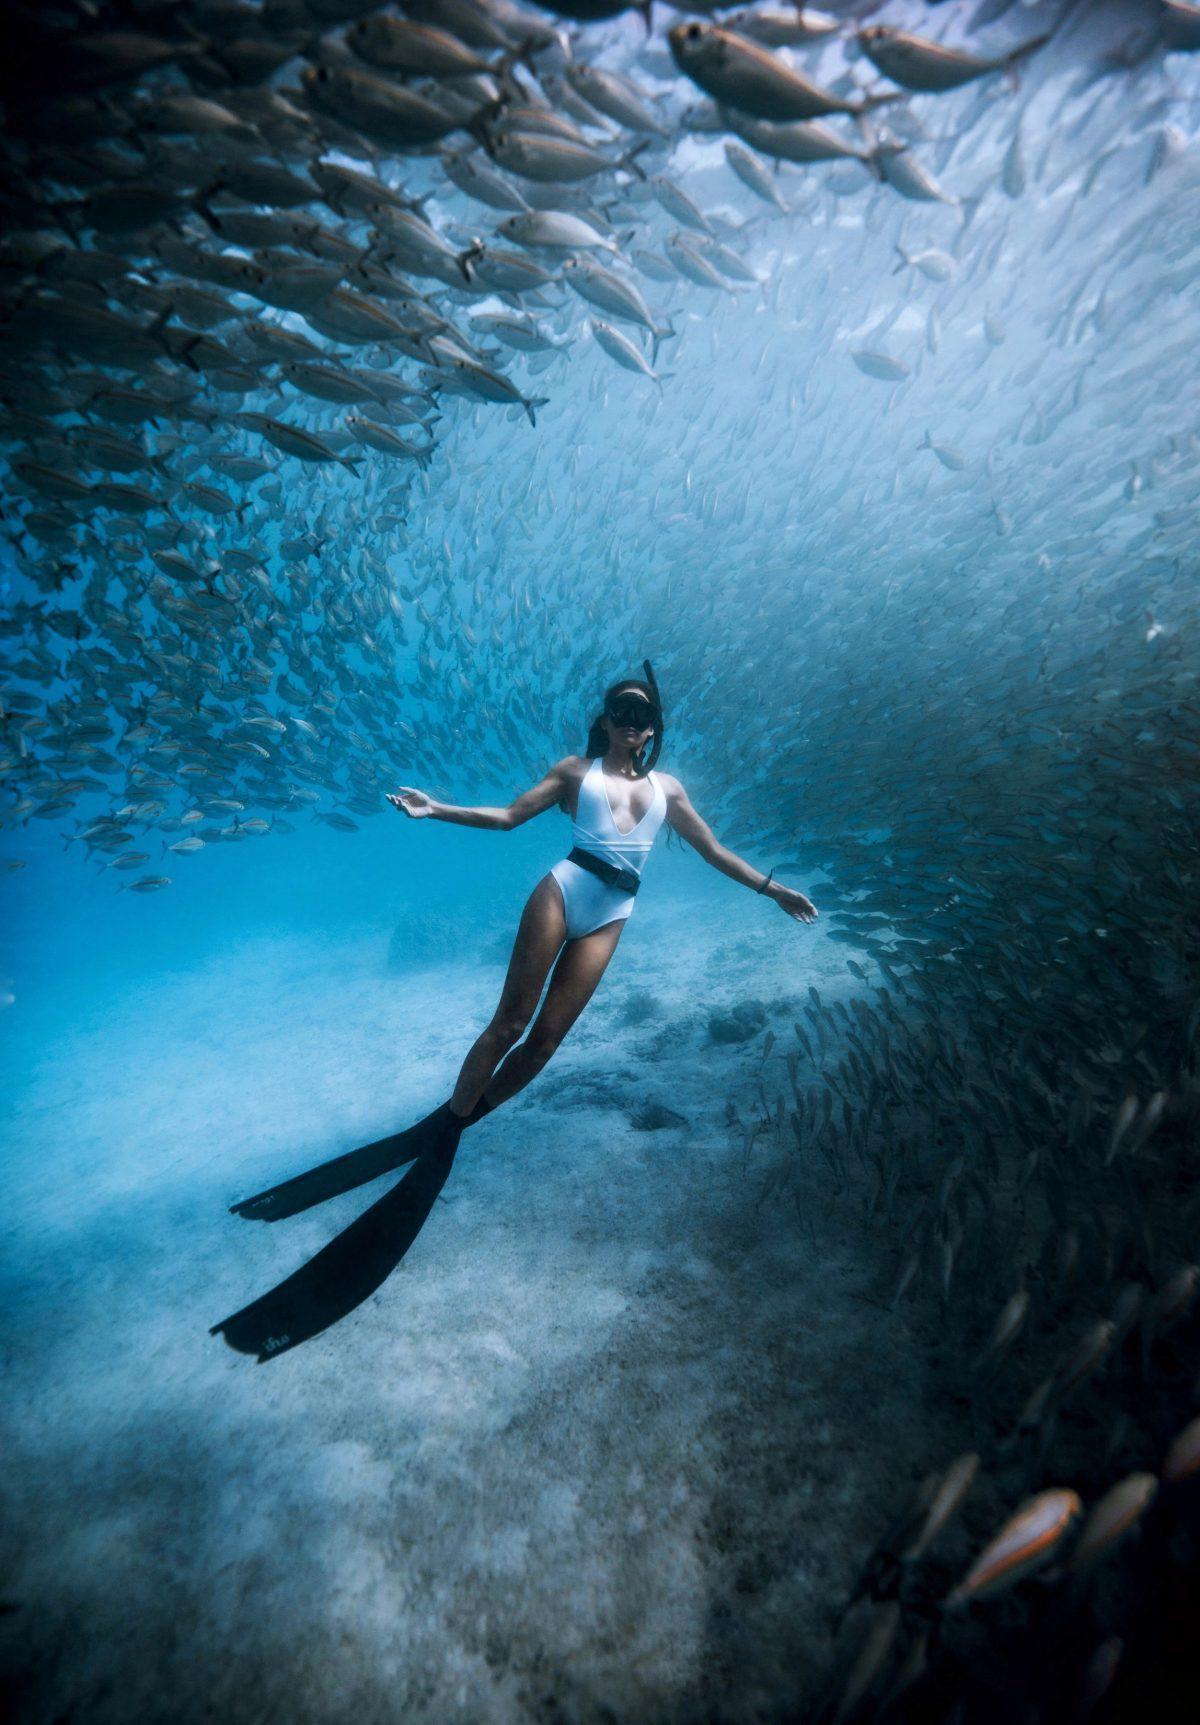 EP 100: Chelsea Yamase - Freediver, acrobat, & world traveling creative